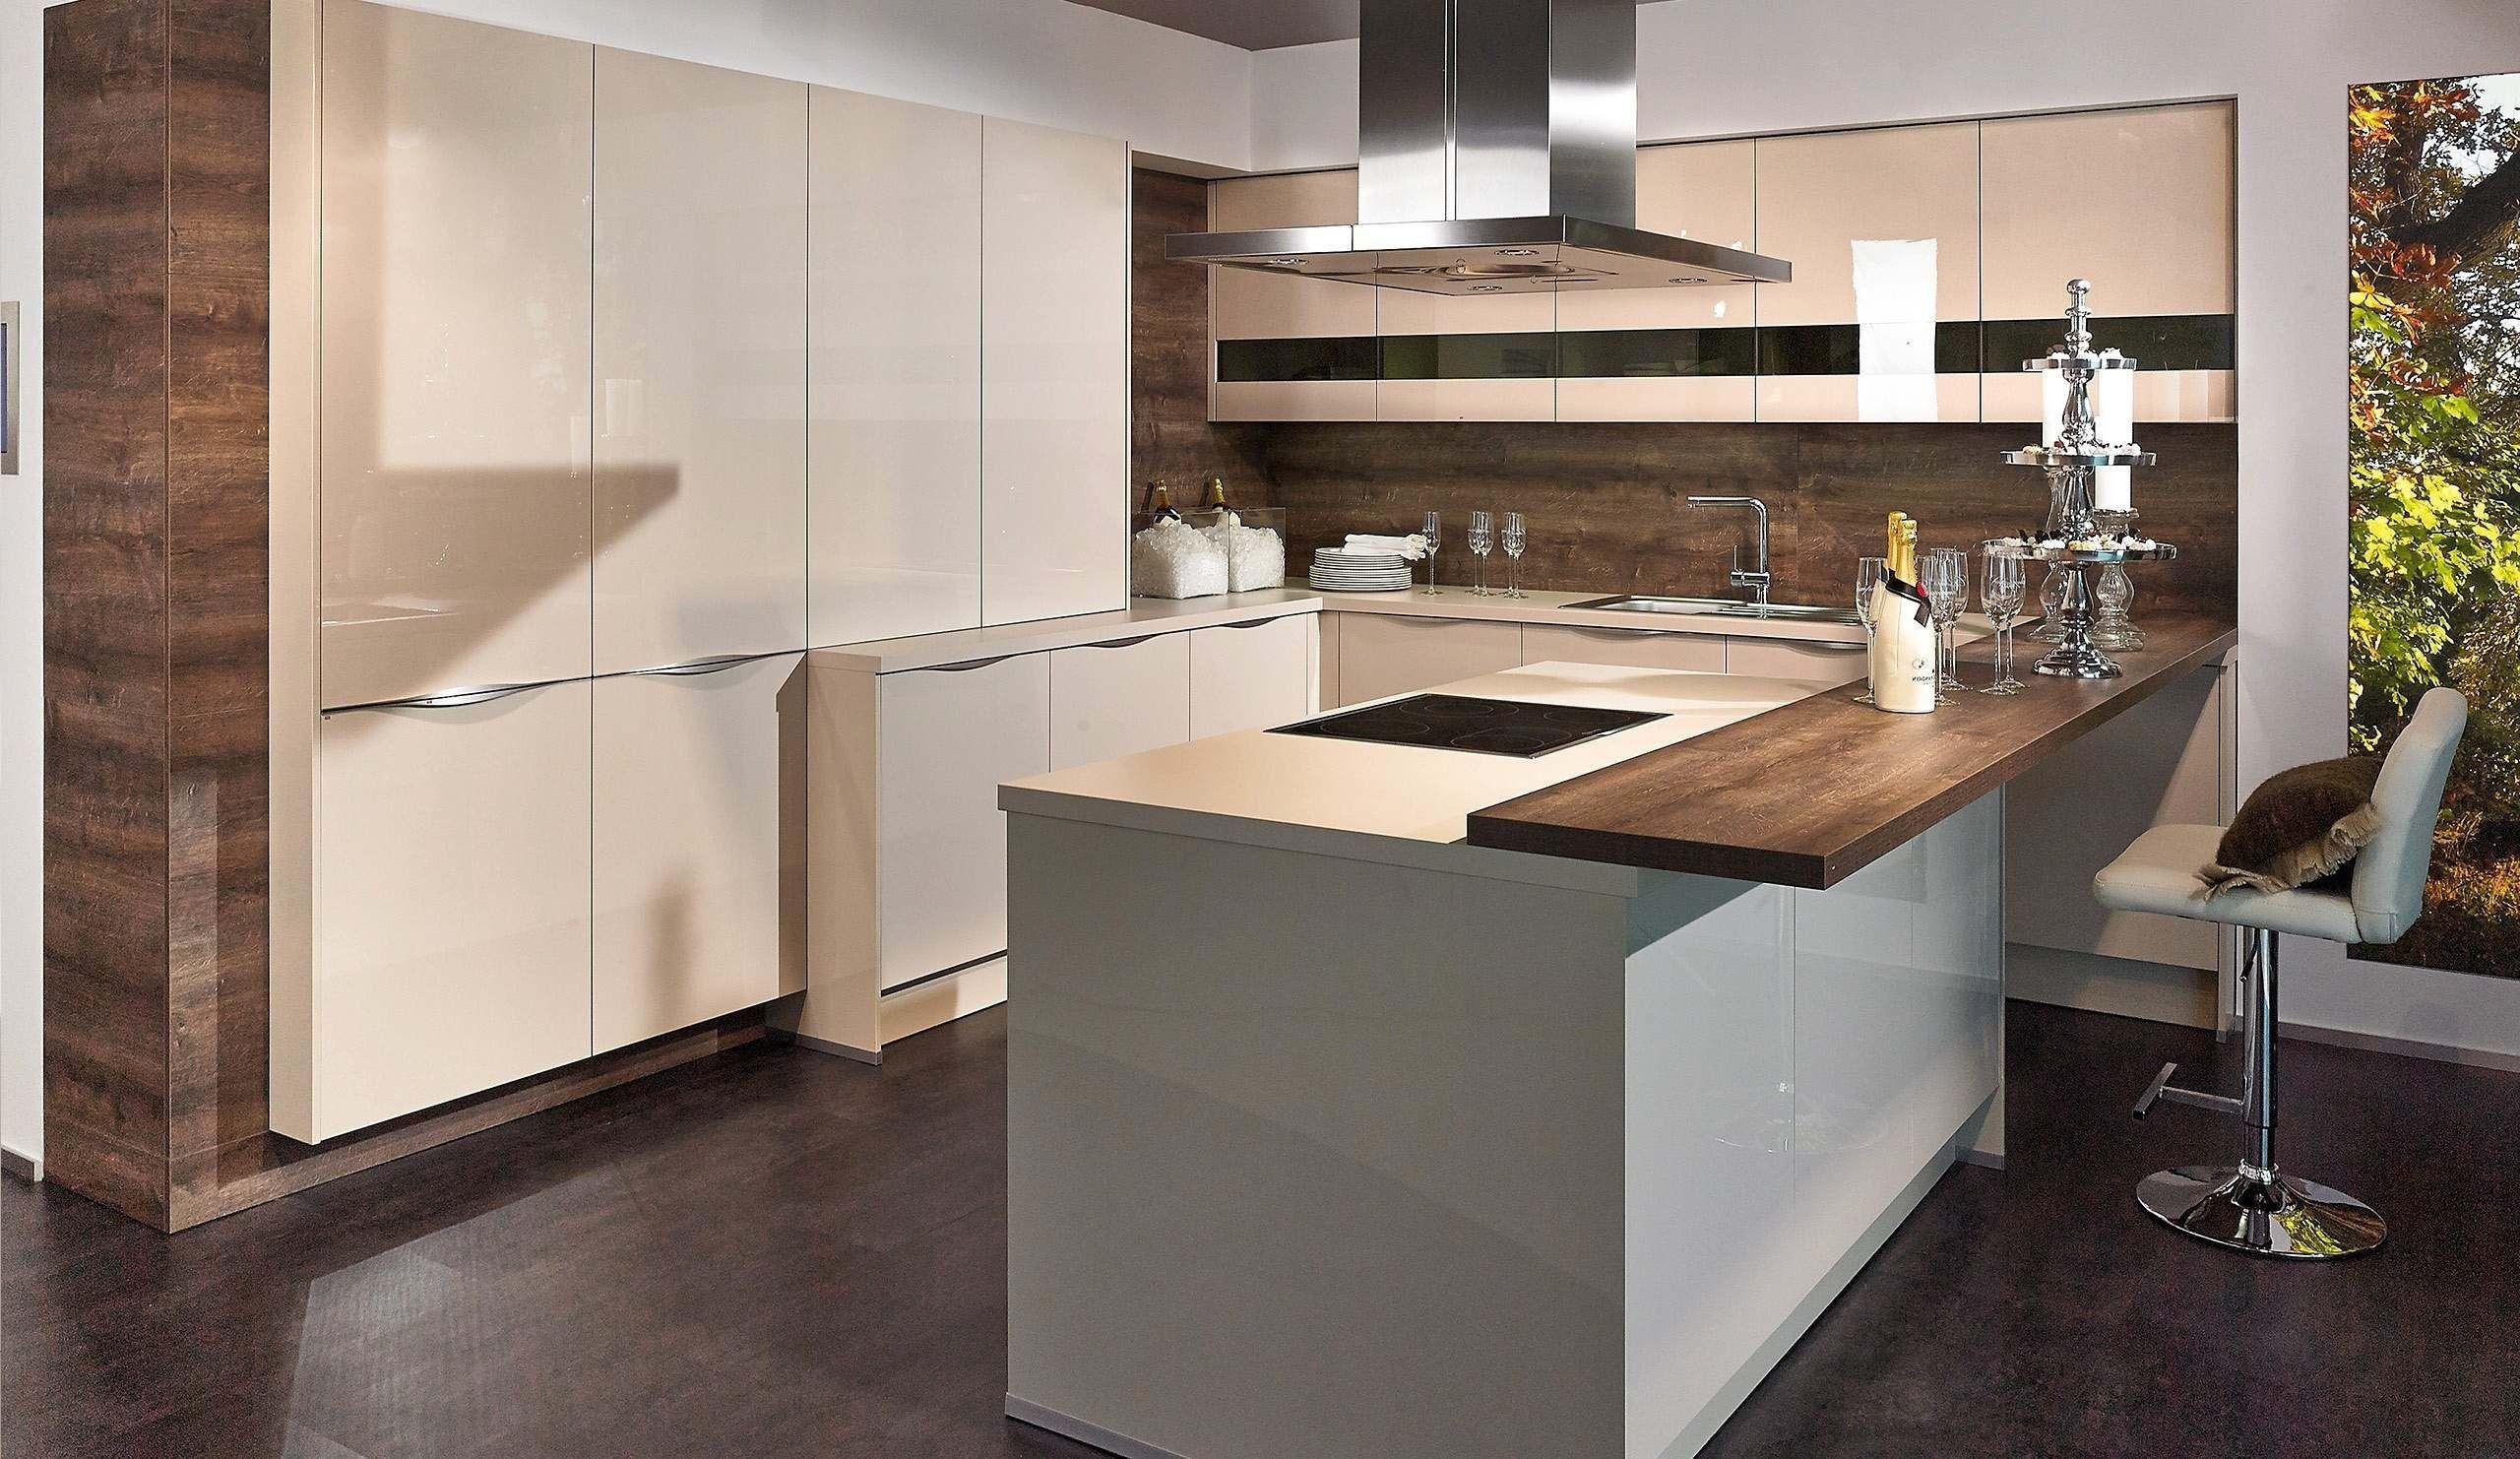 Full Size of 47 Schn Roller Kchen Mit Aufbau Kitchen Background Regale Küchen Regal Wohnzimmer Roller Küchen